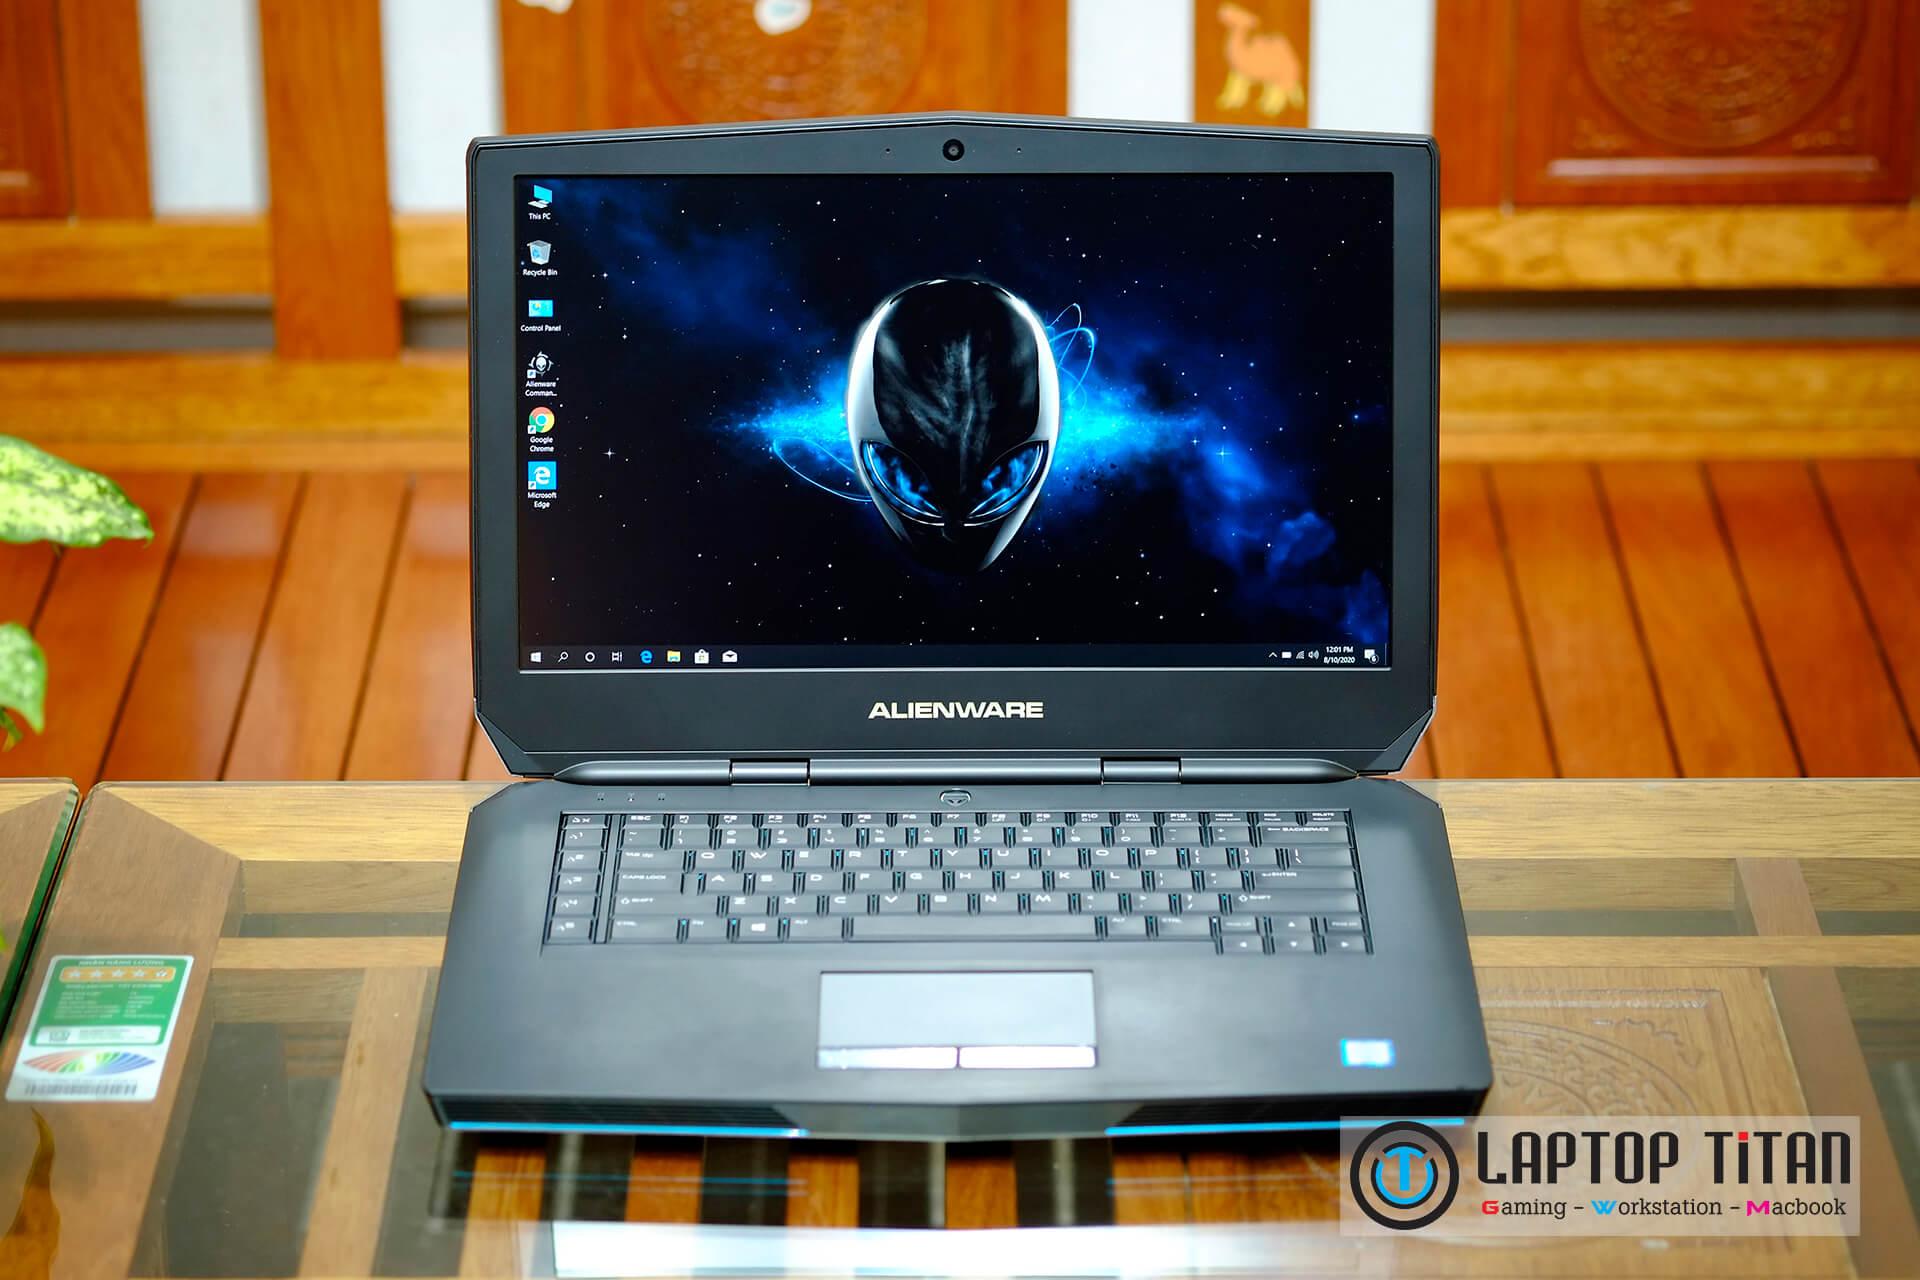 Dell-Alienware-15-R2-2